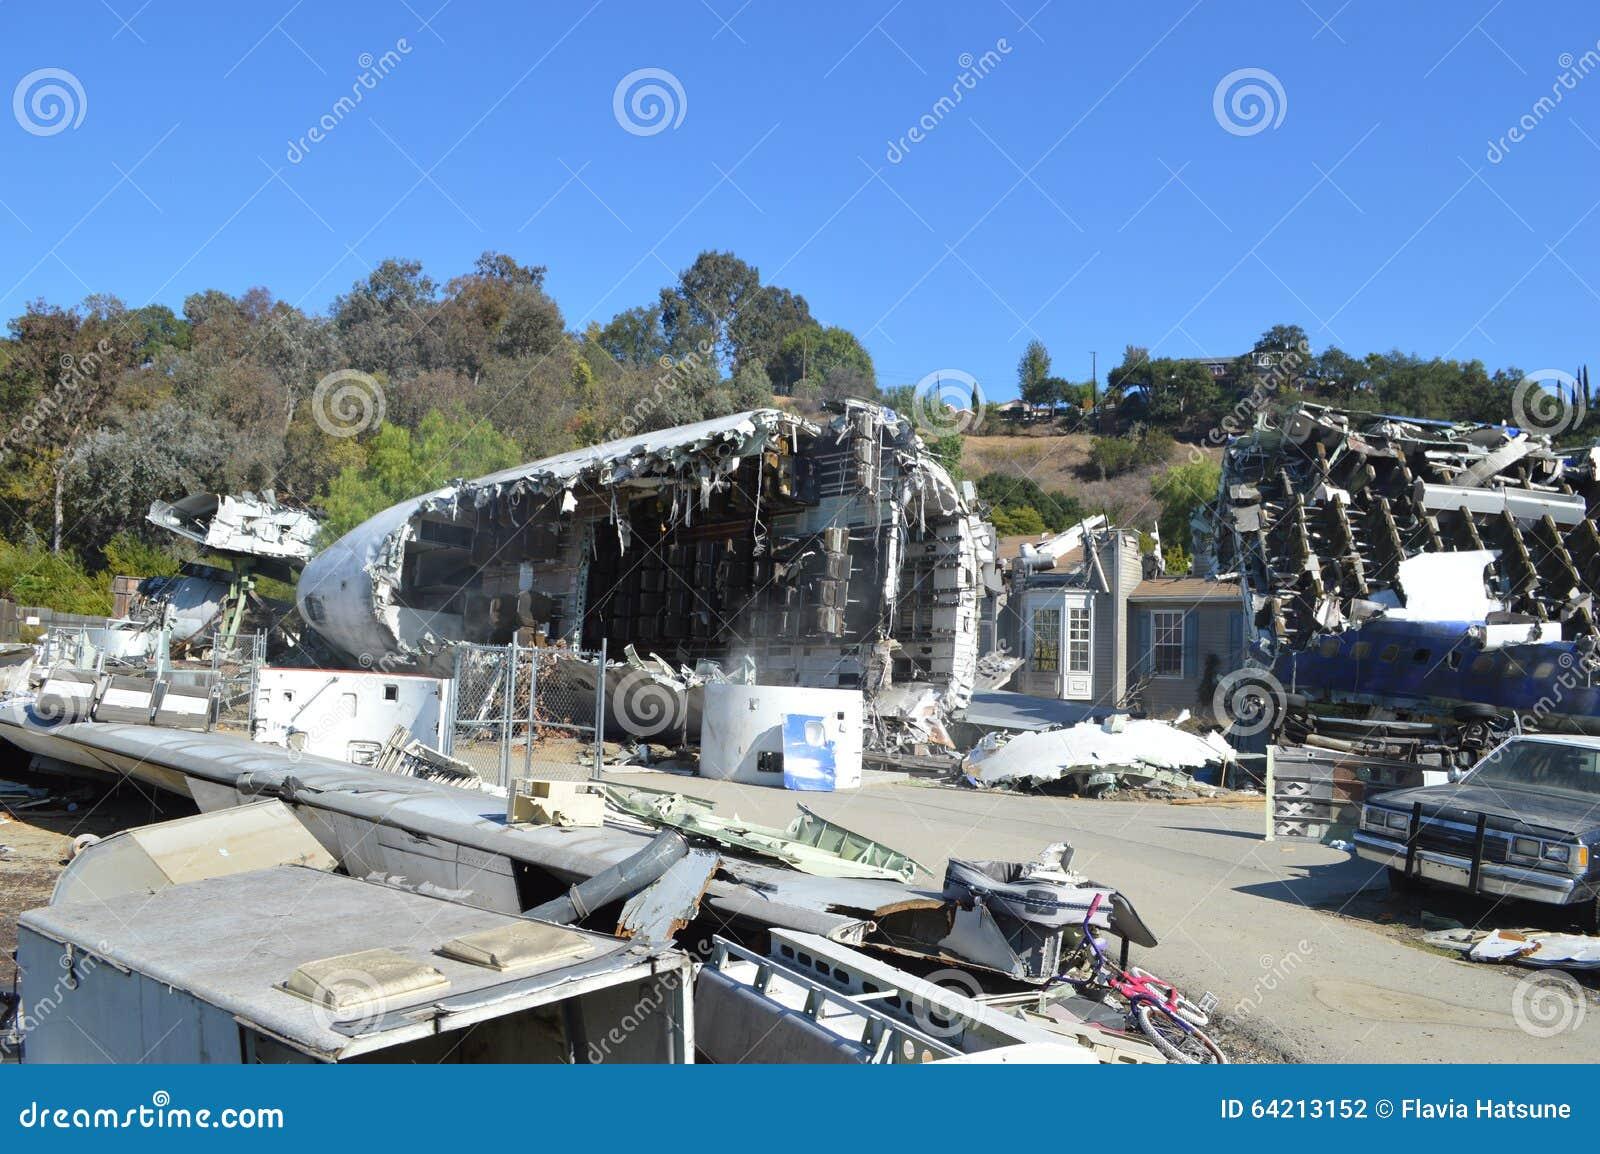 La imagen del accidente de avión